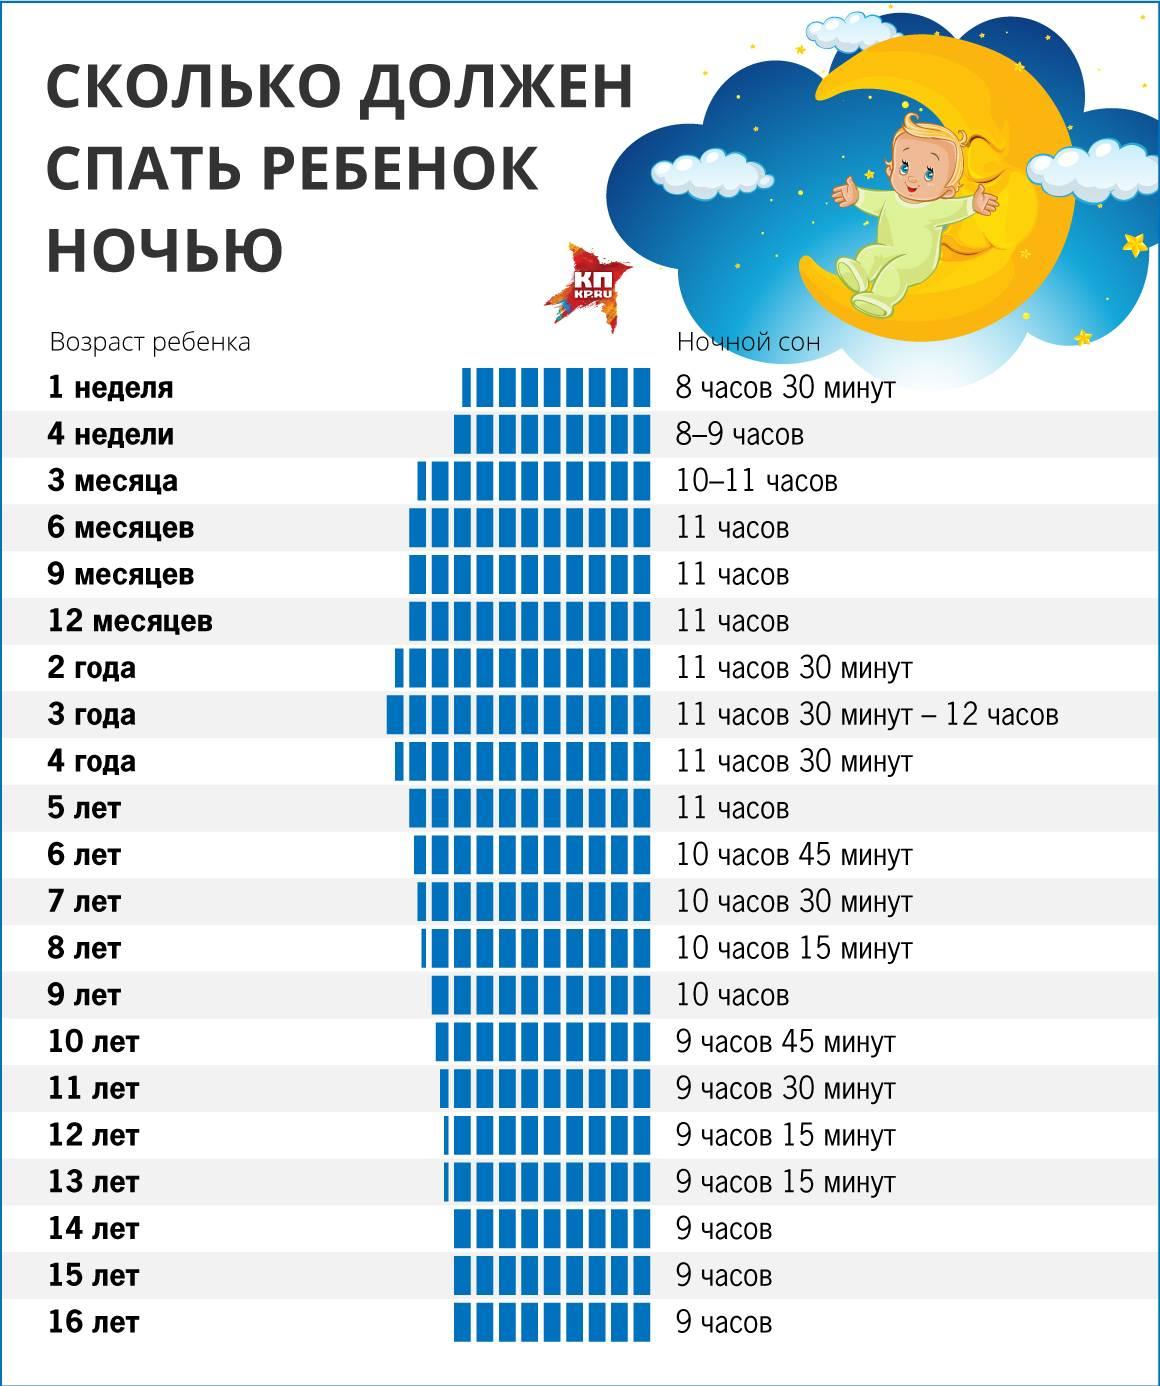 Сколько должен спать новорожденный в течение суток